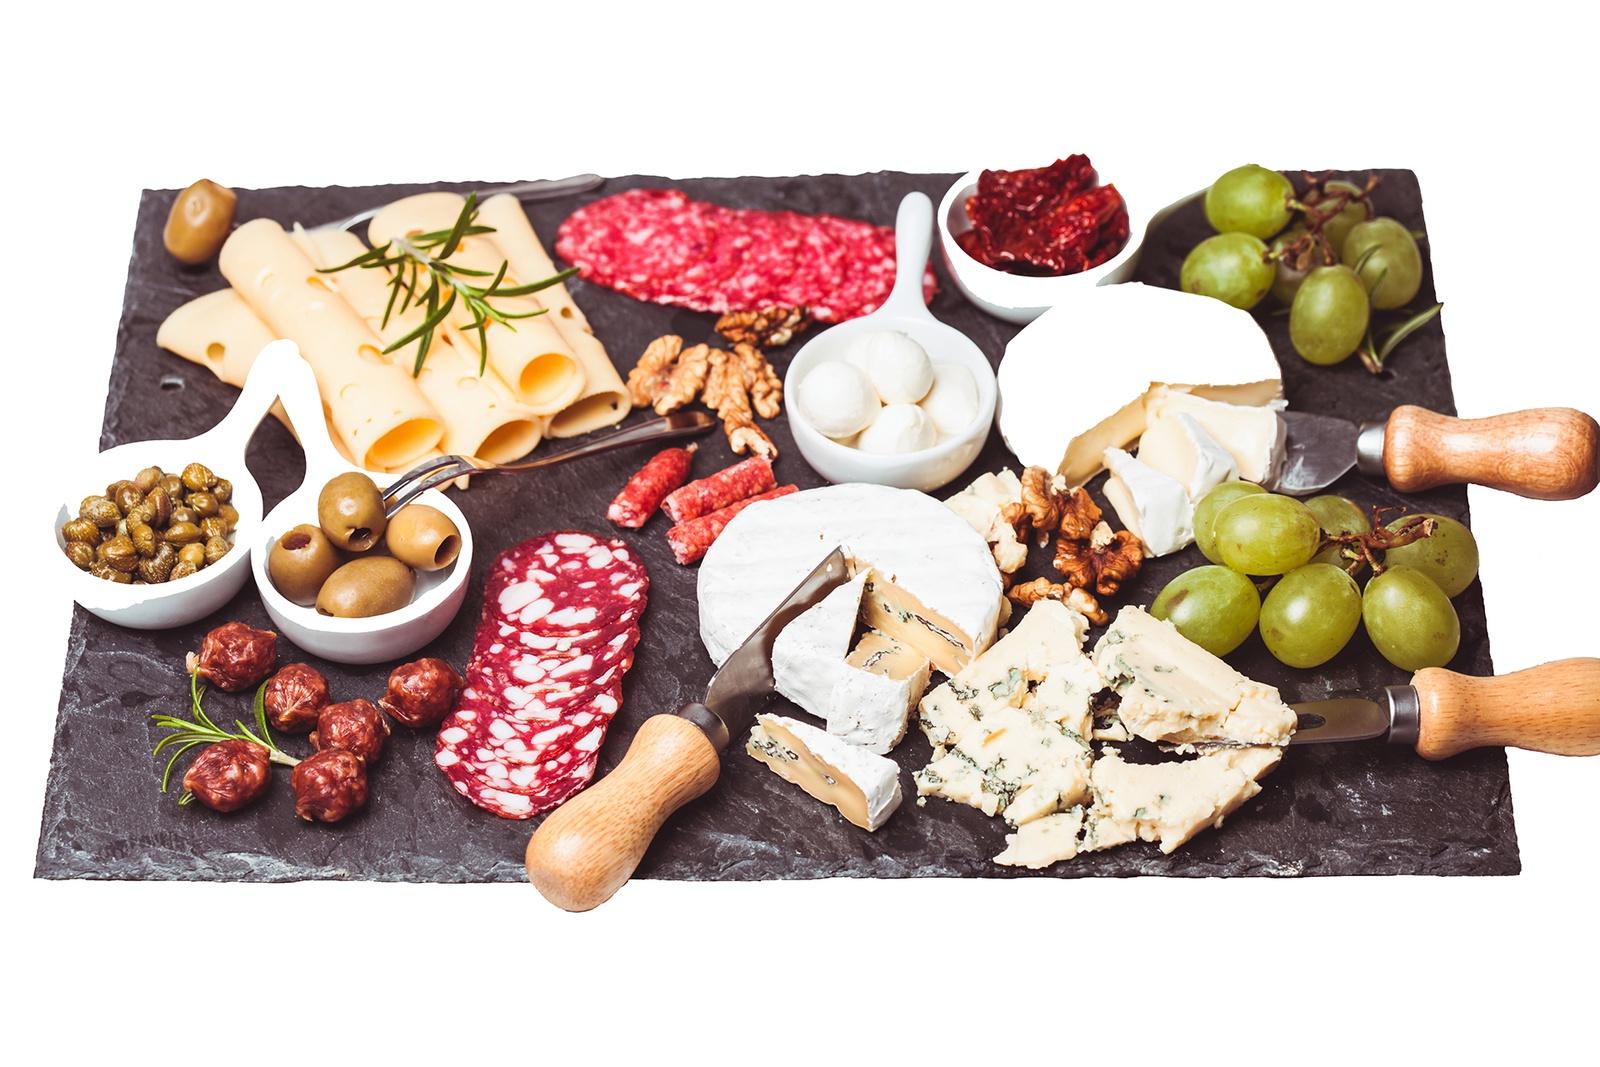 Сланцевое Блюдо GourmetSlate коллекции Native 40см*25см